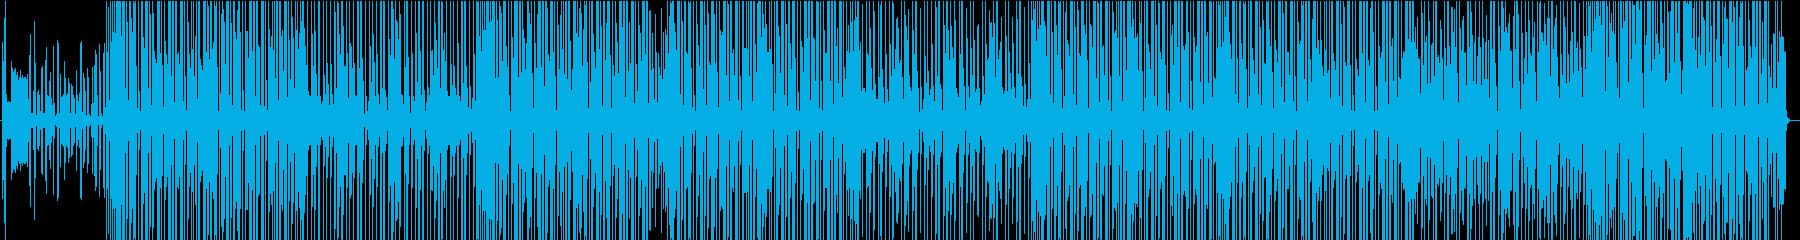 ラテンダンスミュージック/レゲトン...の再生済みの波形